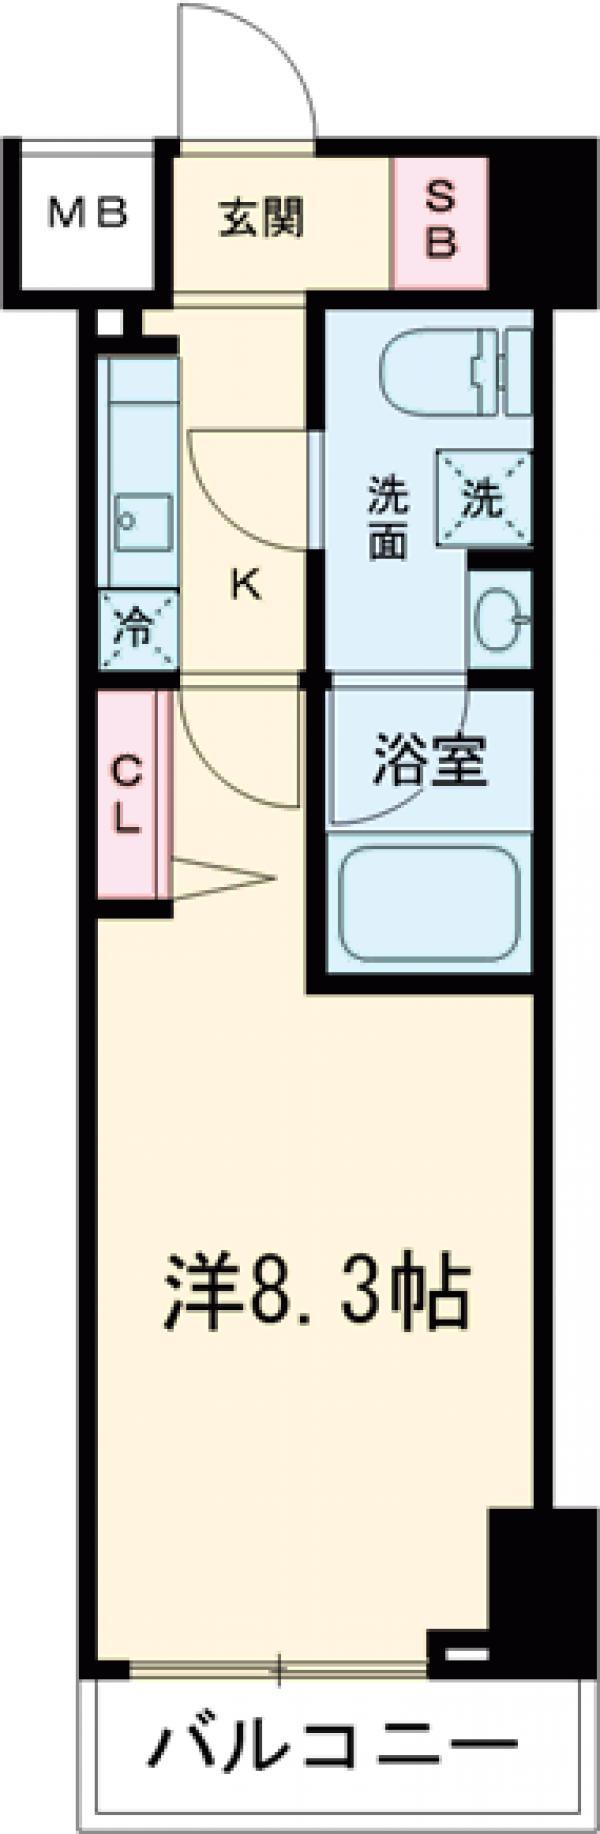 パティーナ東武練馬・506号室の間取り